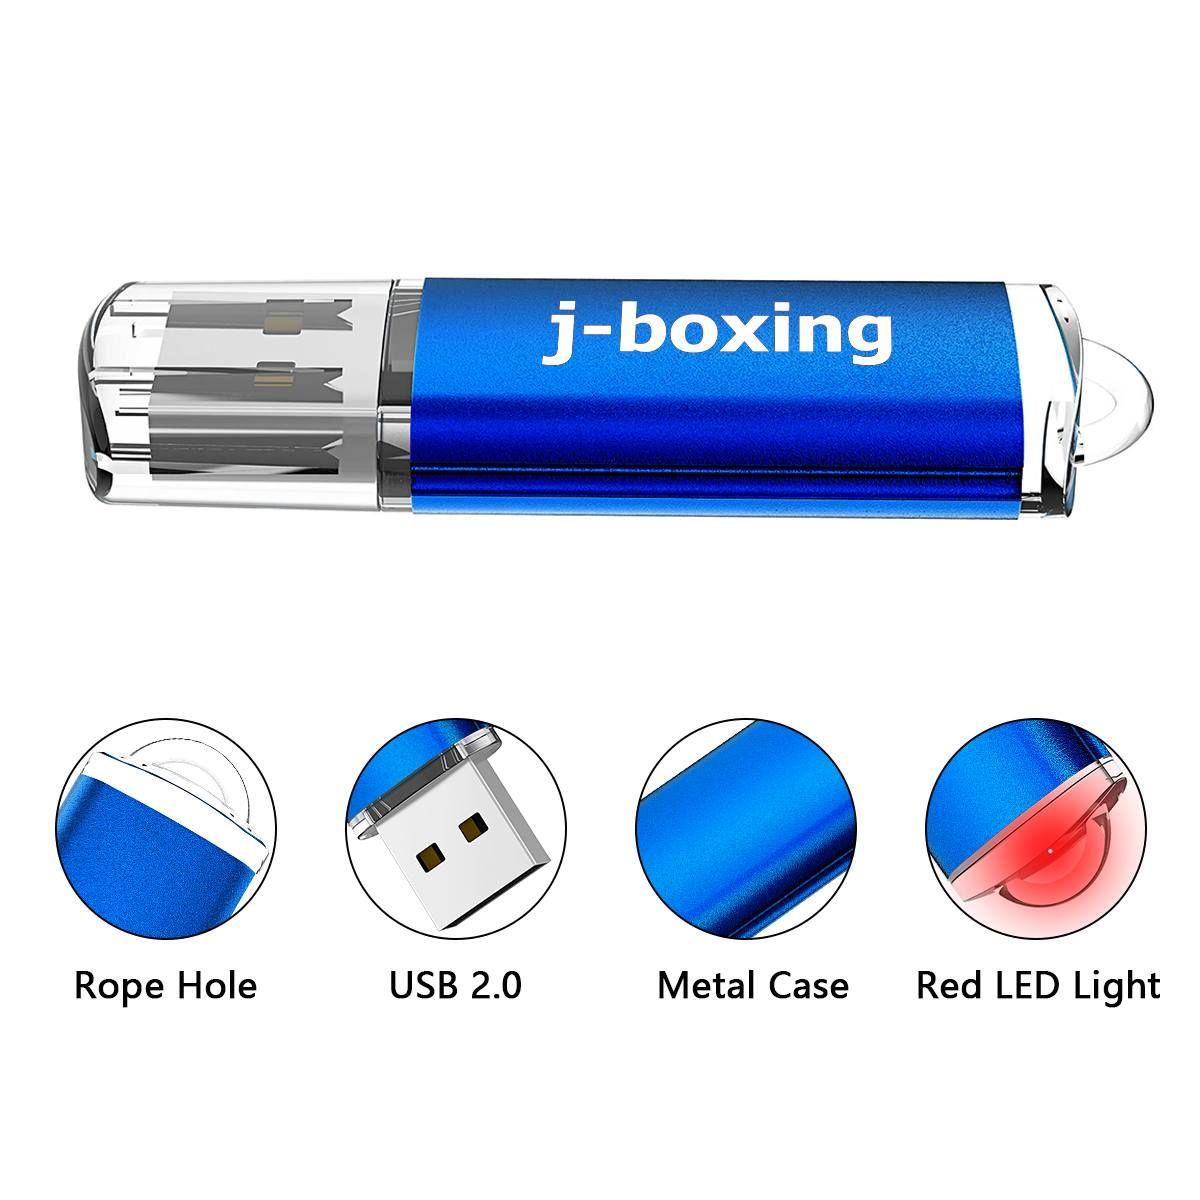 Wholesale Bulk 800PCS 128MB USB Flash Drives Rectangle Memory Stick Storage Thumb Pen Drive Storage LED Indicator for Computer Laptop Tablet